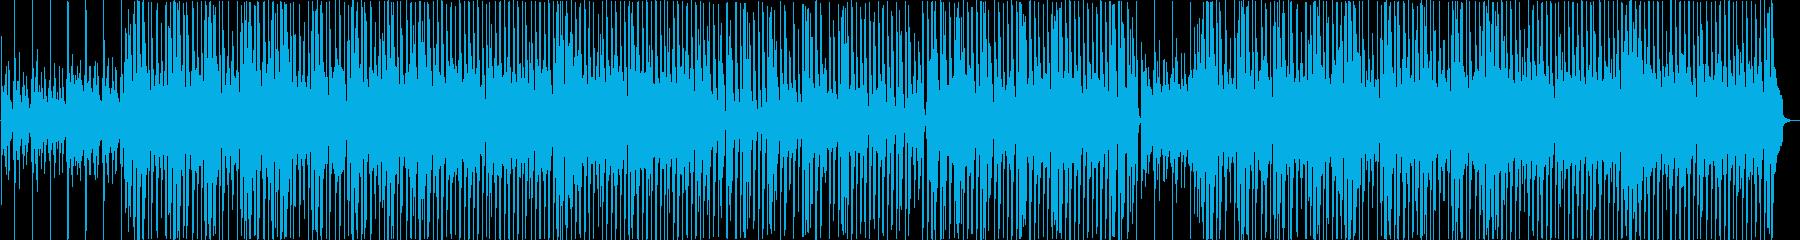 「曇りのち晴れ」ほのぼのアコースティックの再生済みの波形